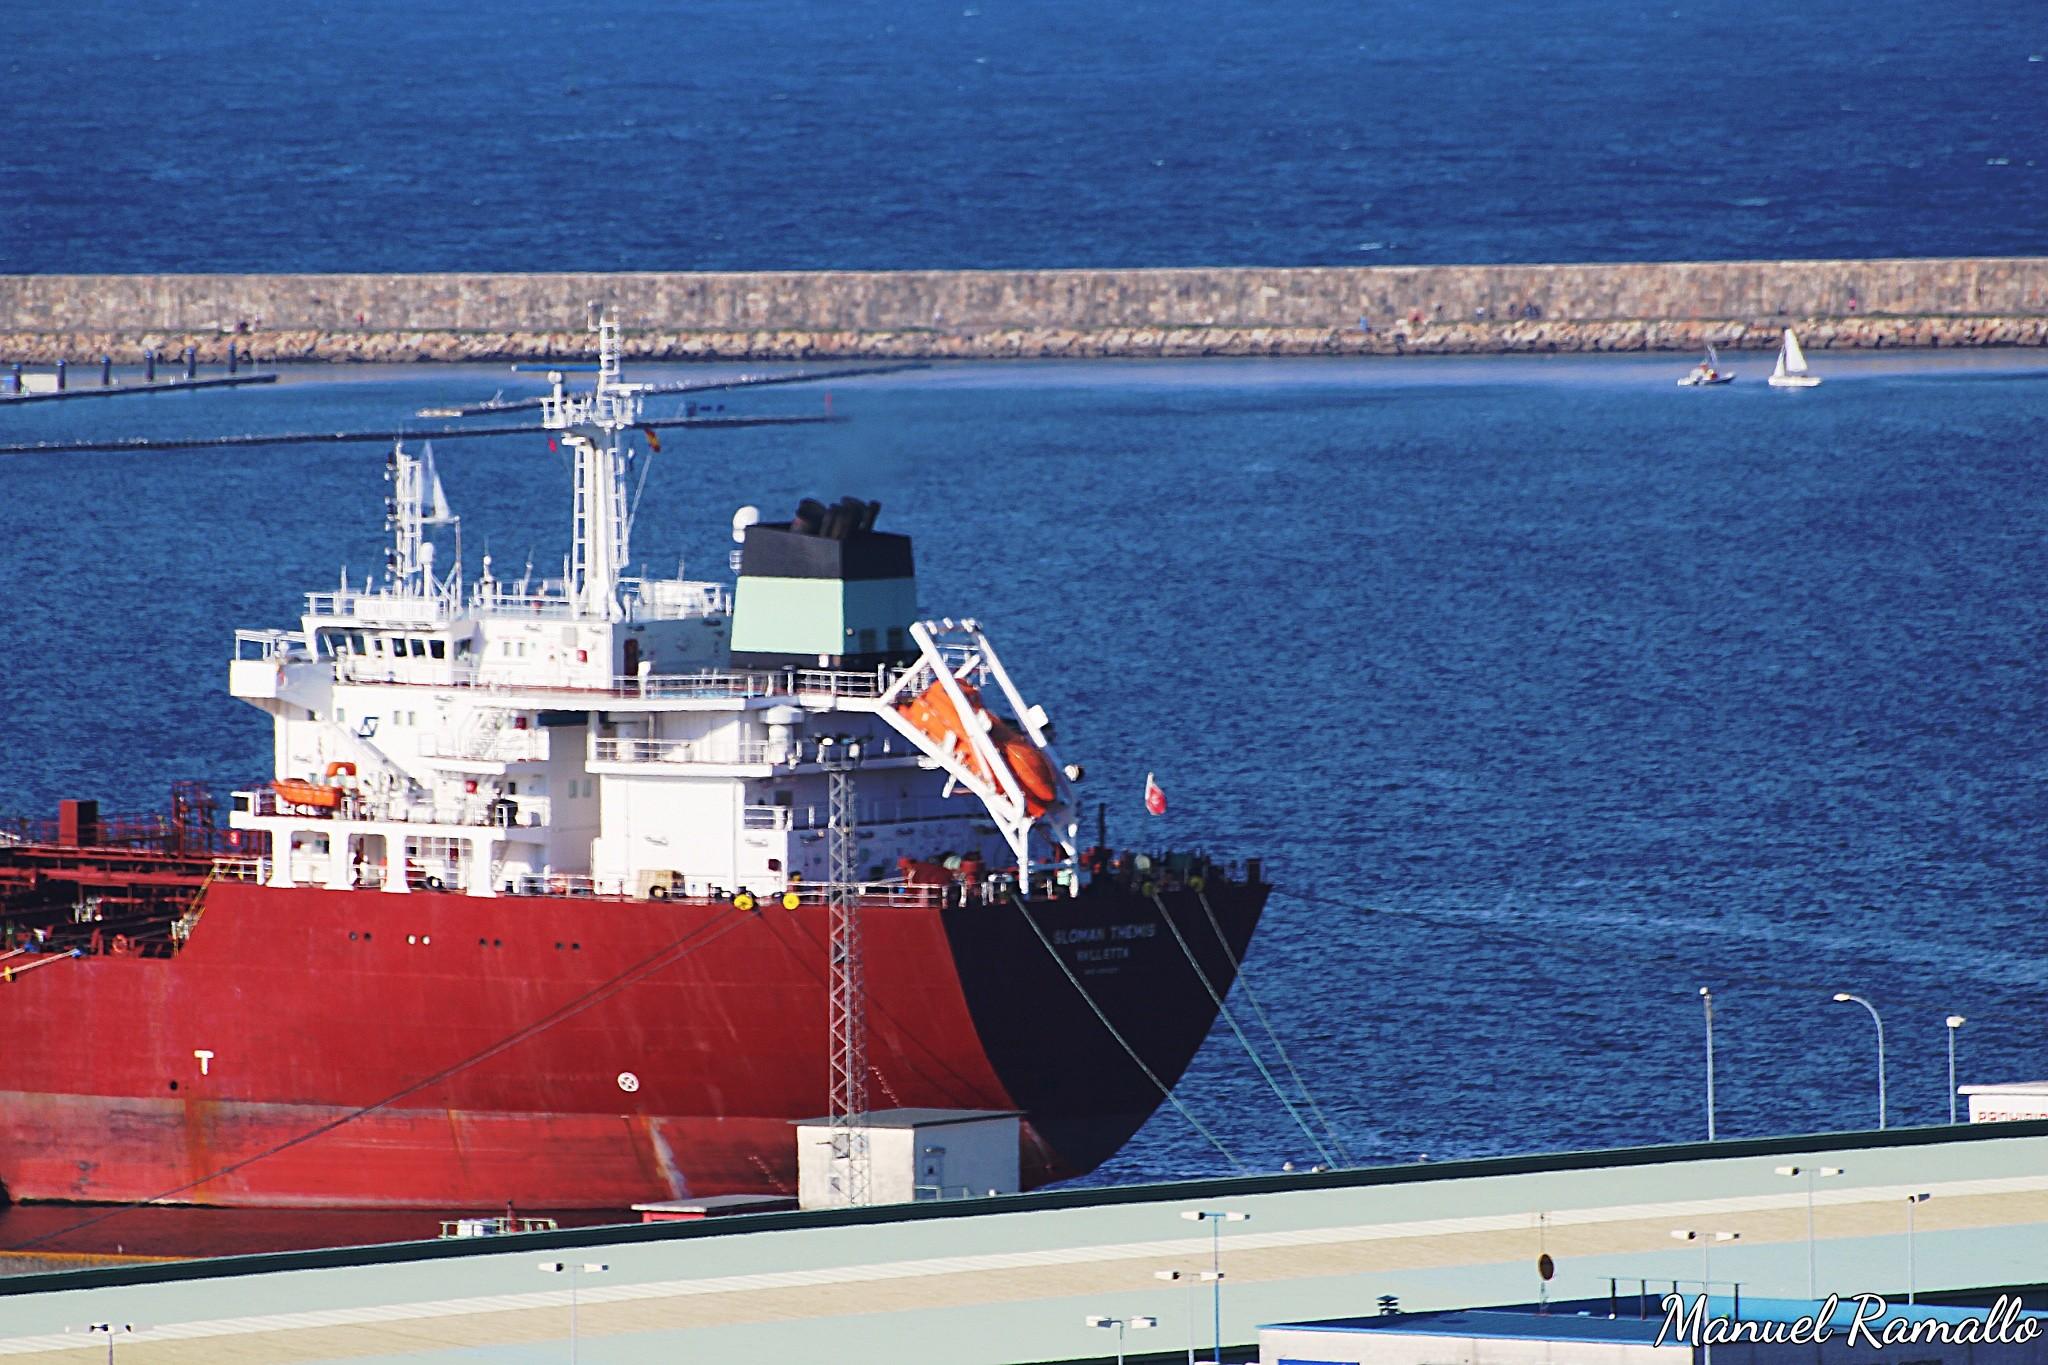 puerto-de-coruna-barco-mercante-muelle-mercancias-carguero